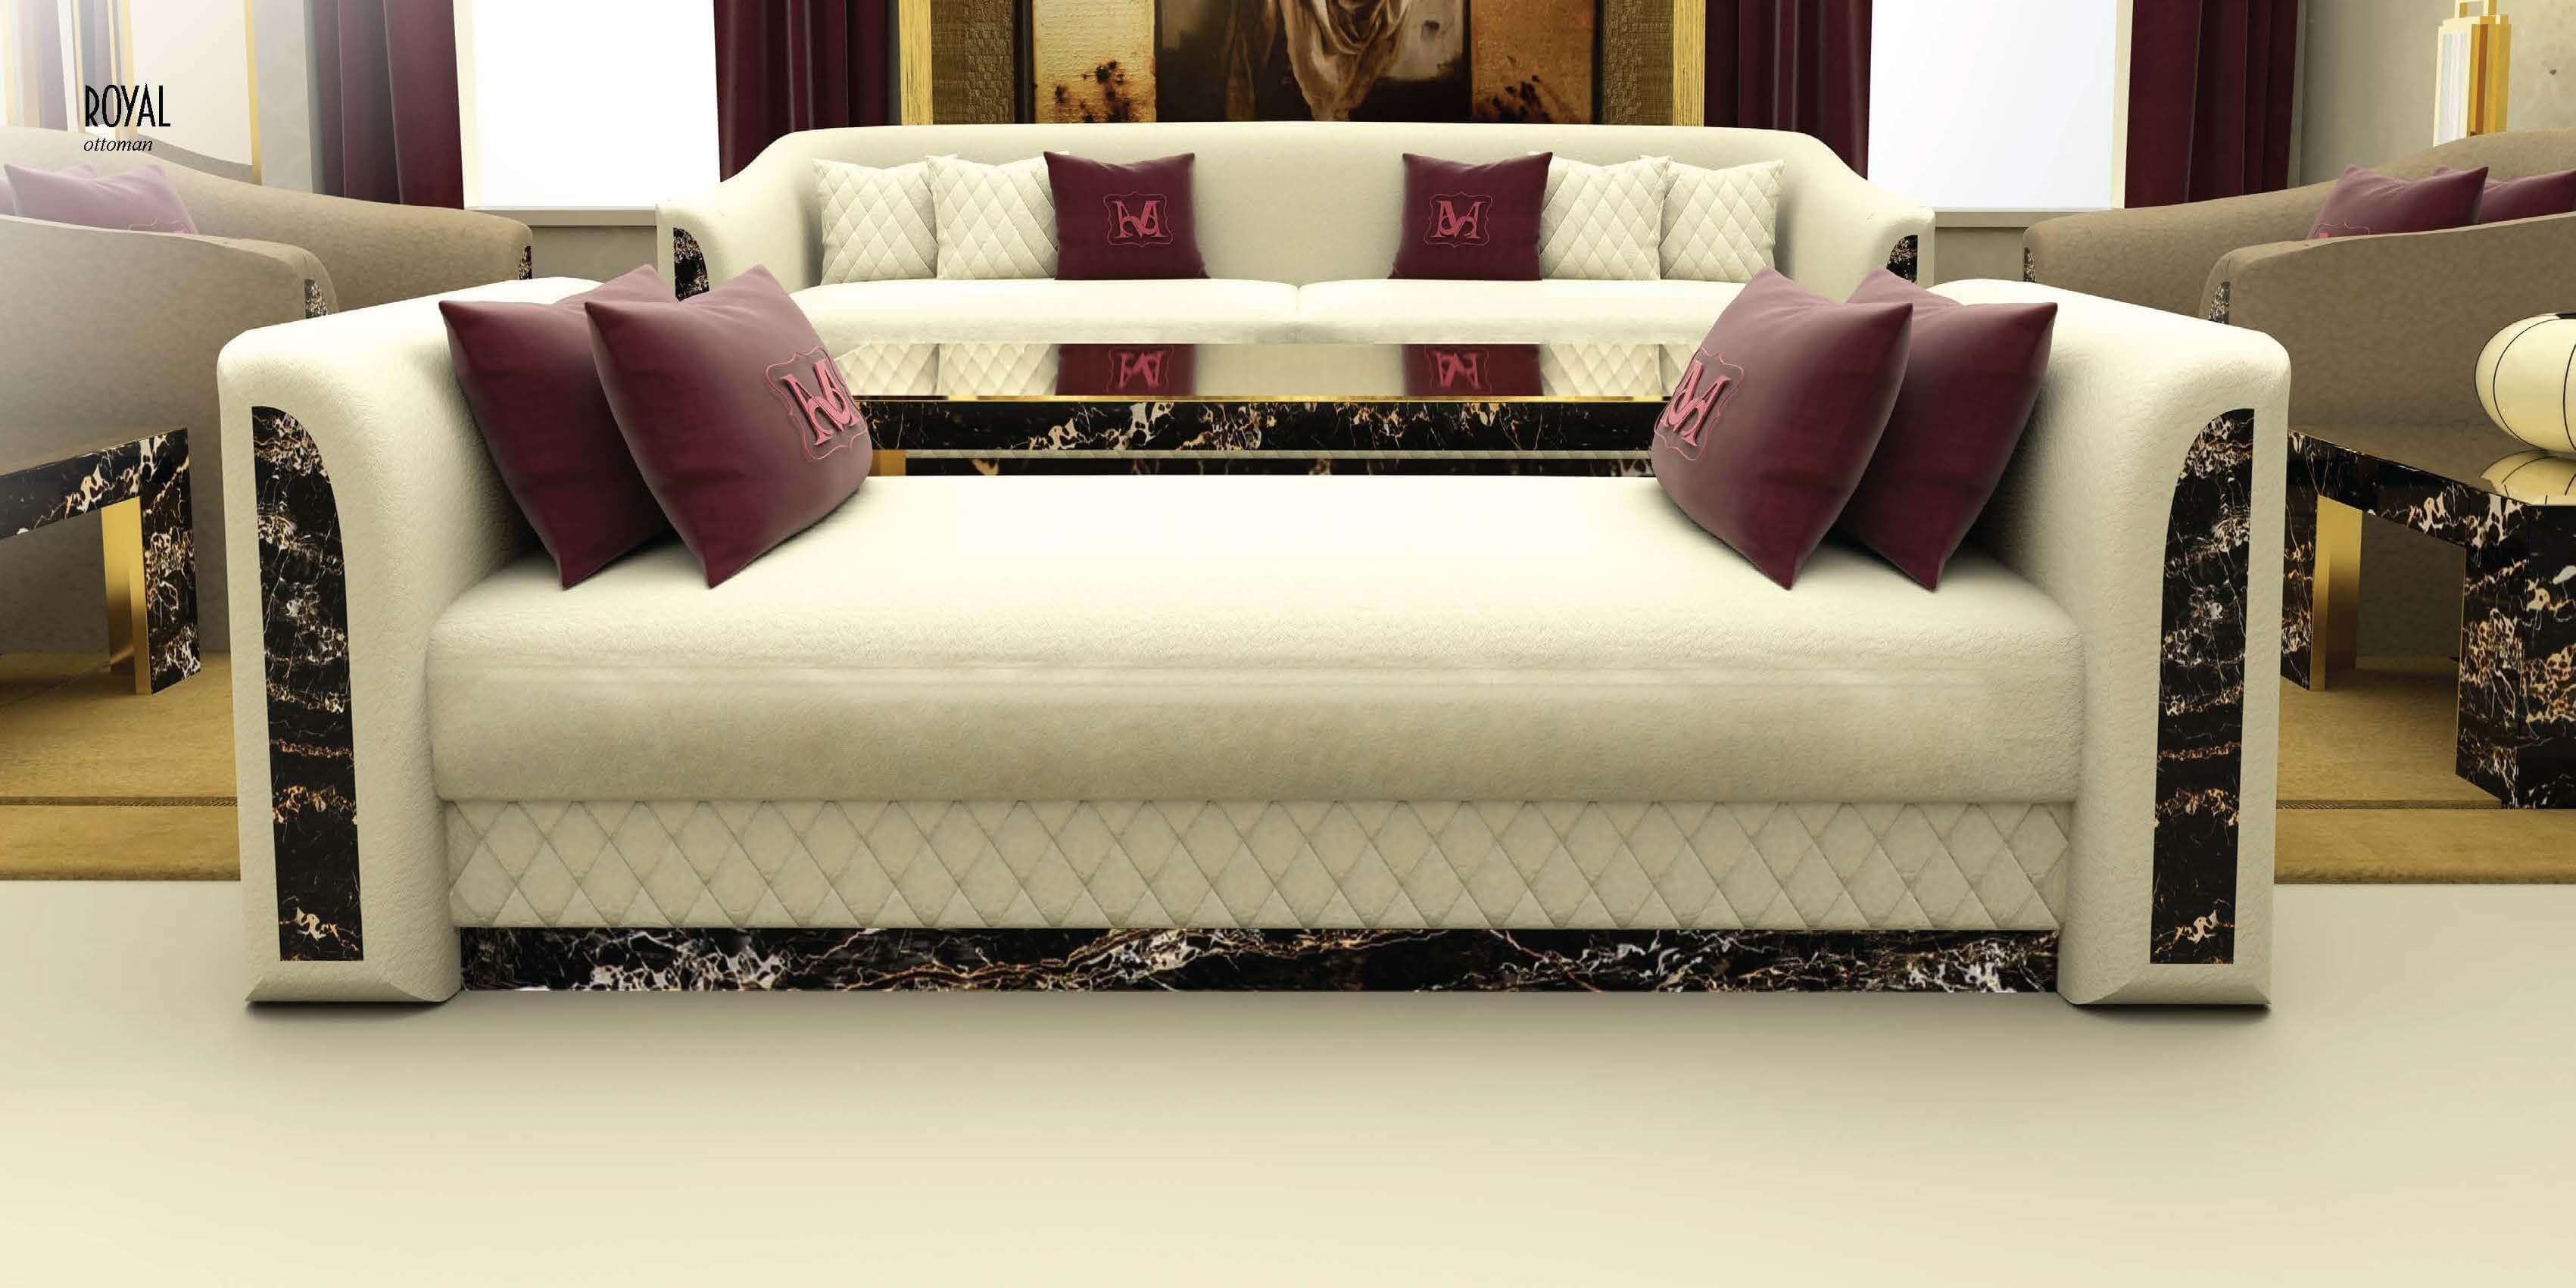 Sofa Set Ka Design